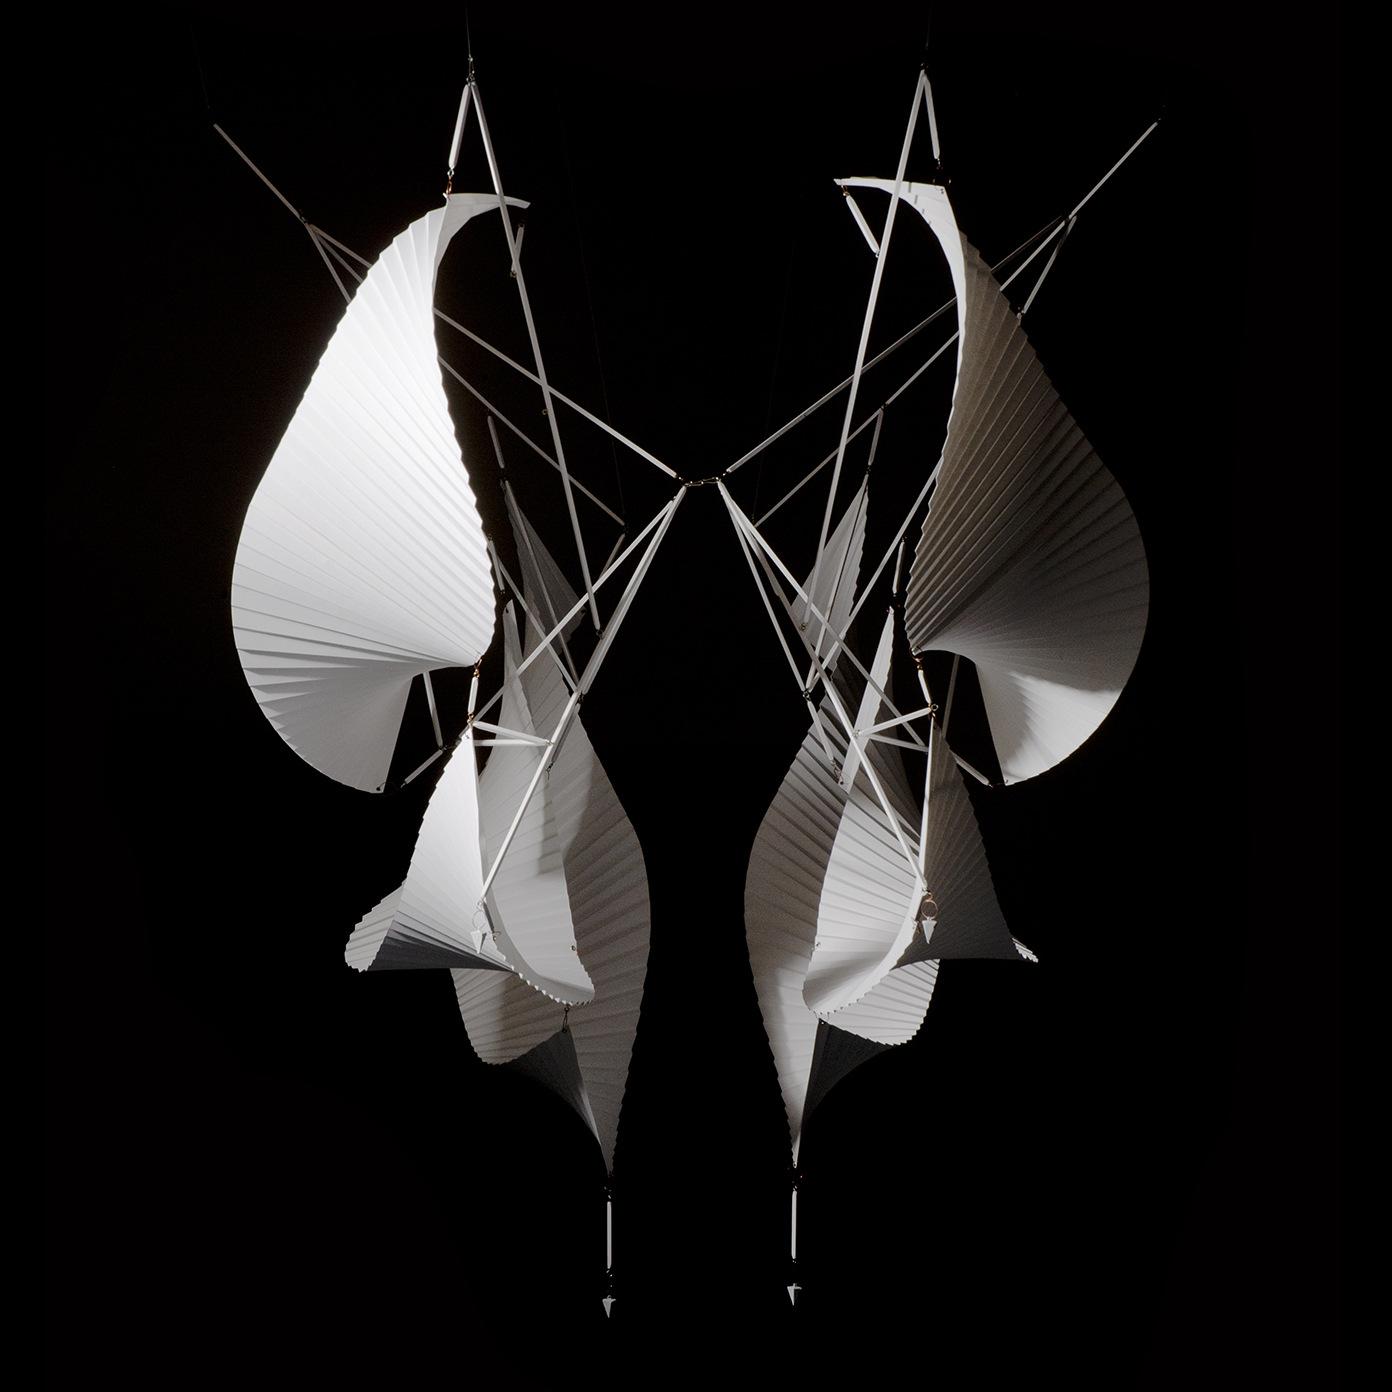 Объёмные бумажные скульптуры Ричарда Суини: бумажная композиция на каркасе